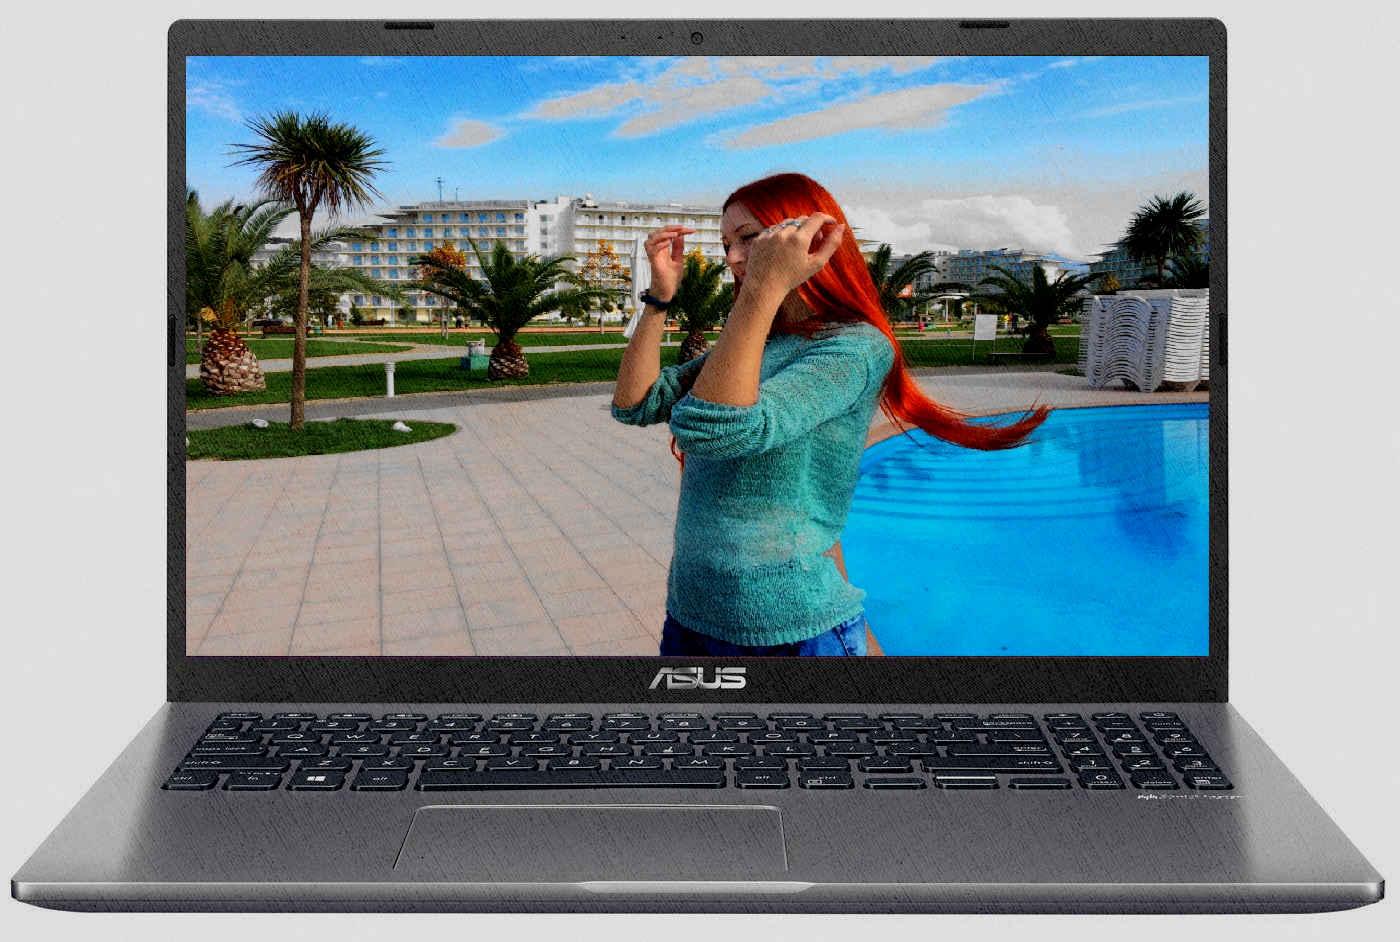 ASUS Laptop 15 X509UA-EJ202T в рейтинг 2020 года